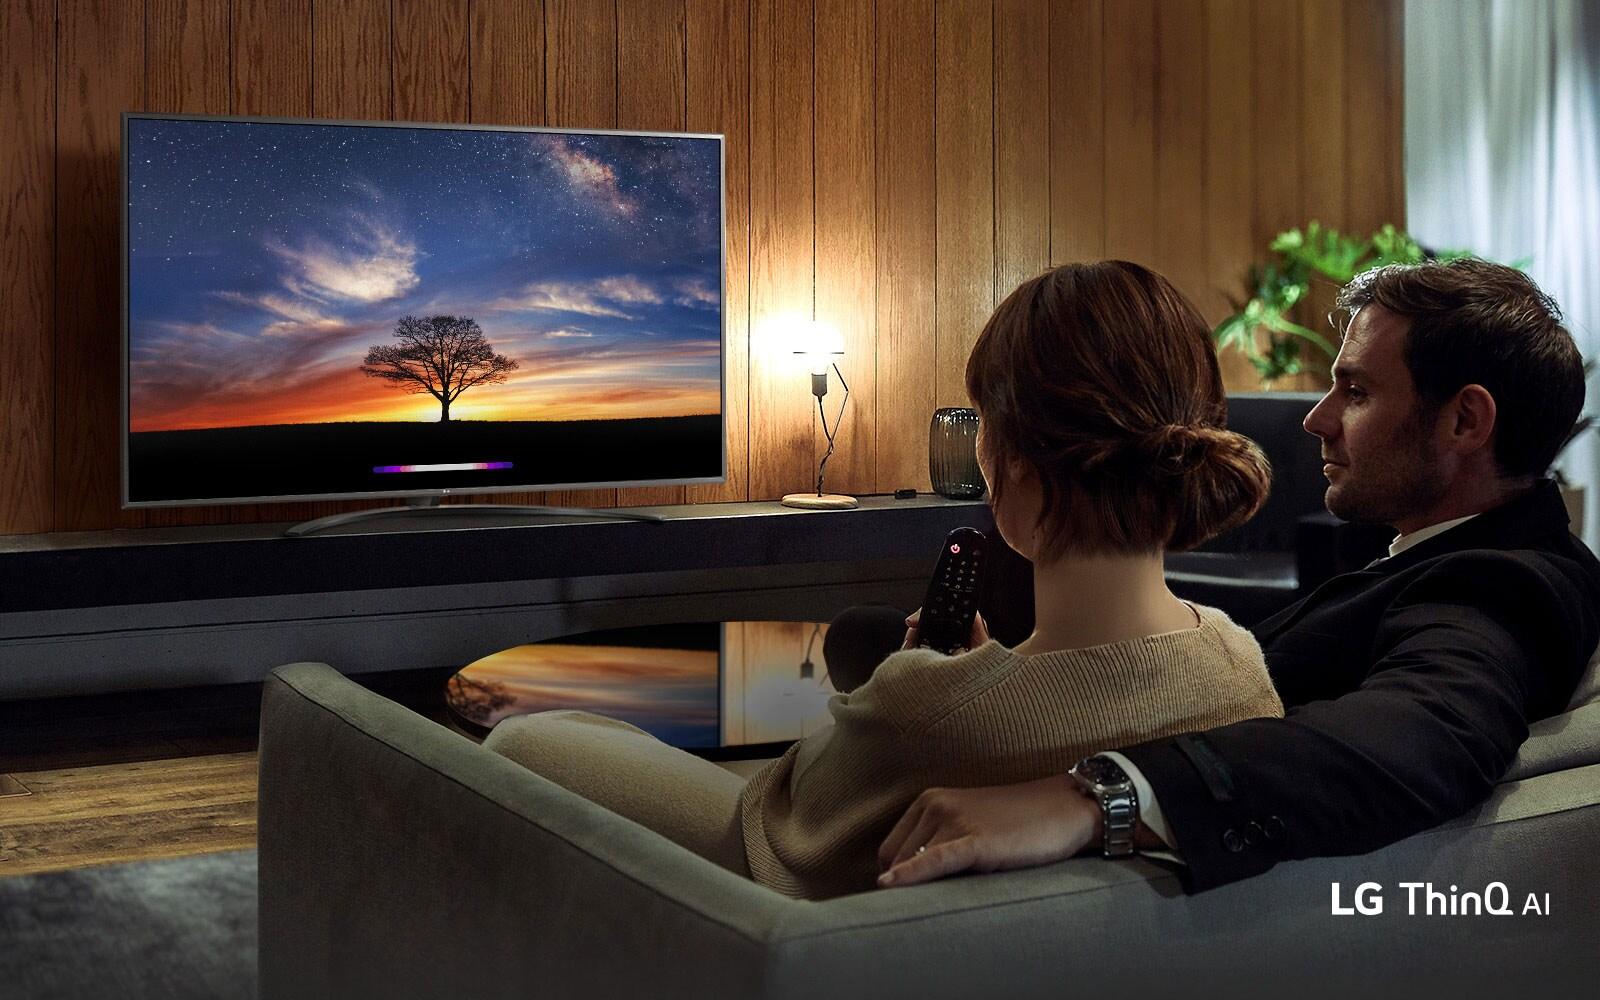 TV-UHD-UM76-01-AI-GA-Desktop